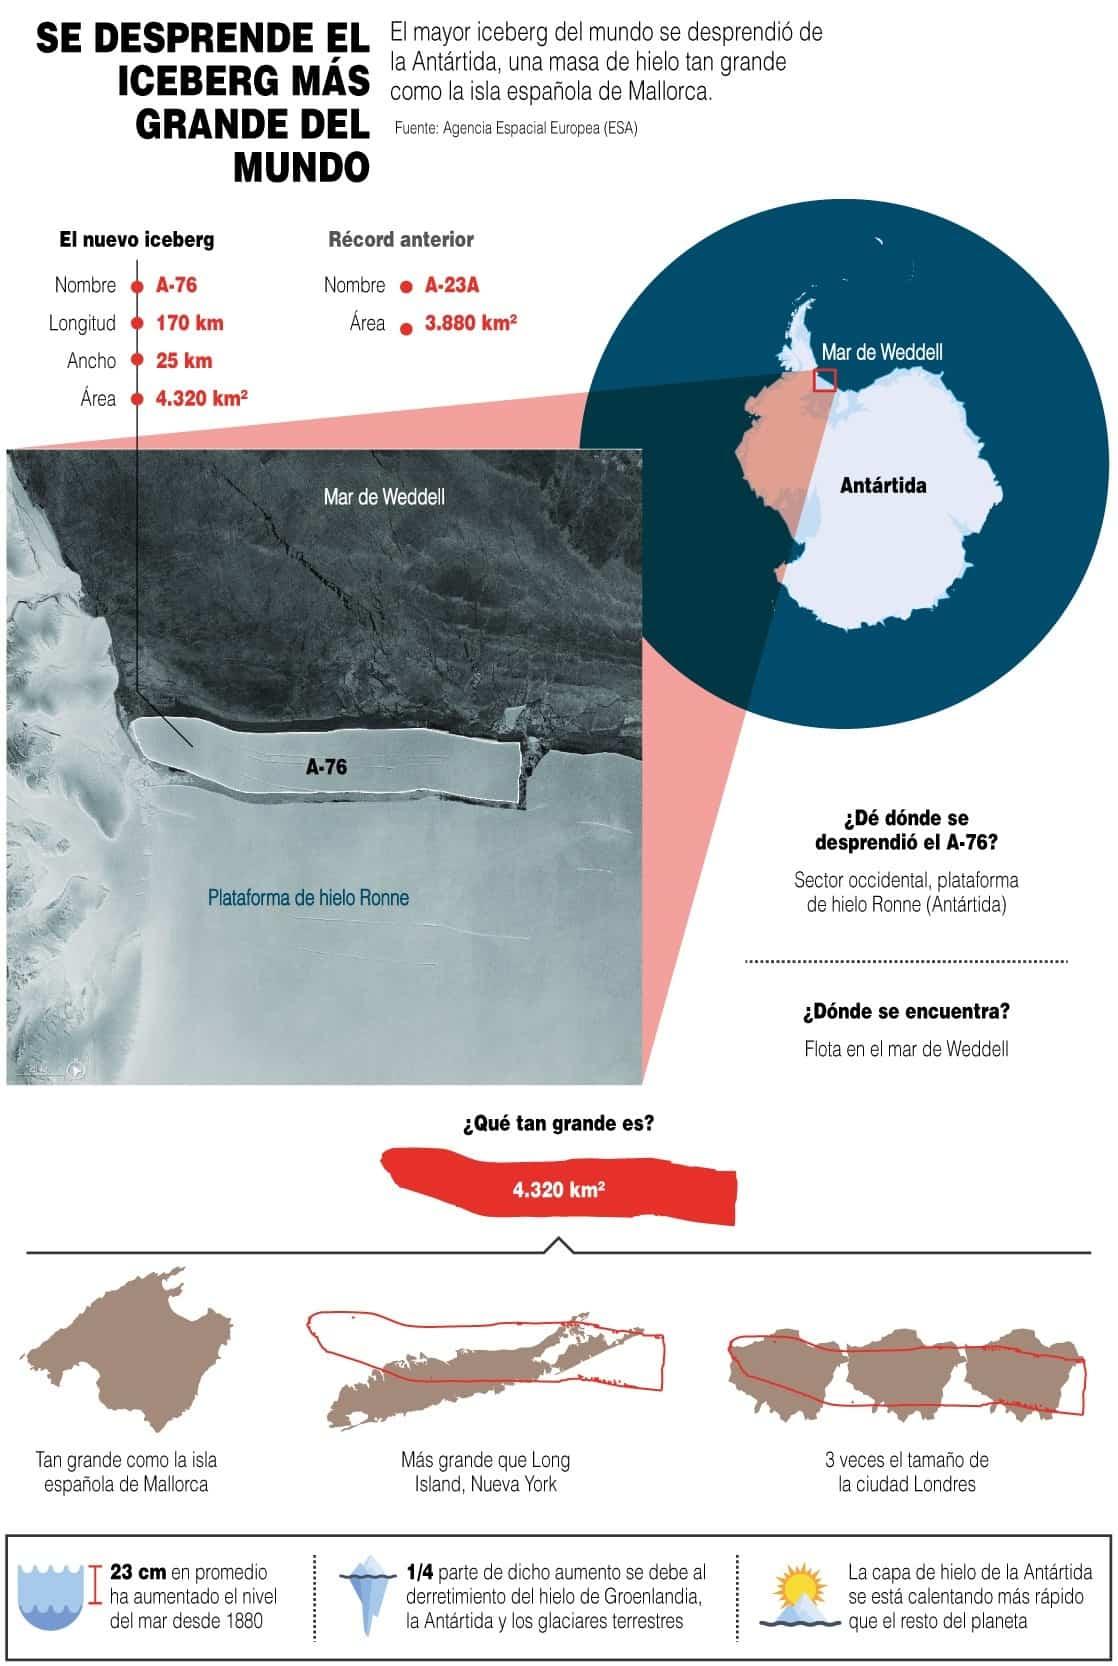 [Infografía] - El iceberg más grande del mundo se desprende de la Antártida 1